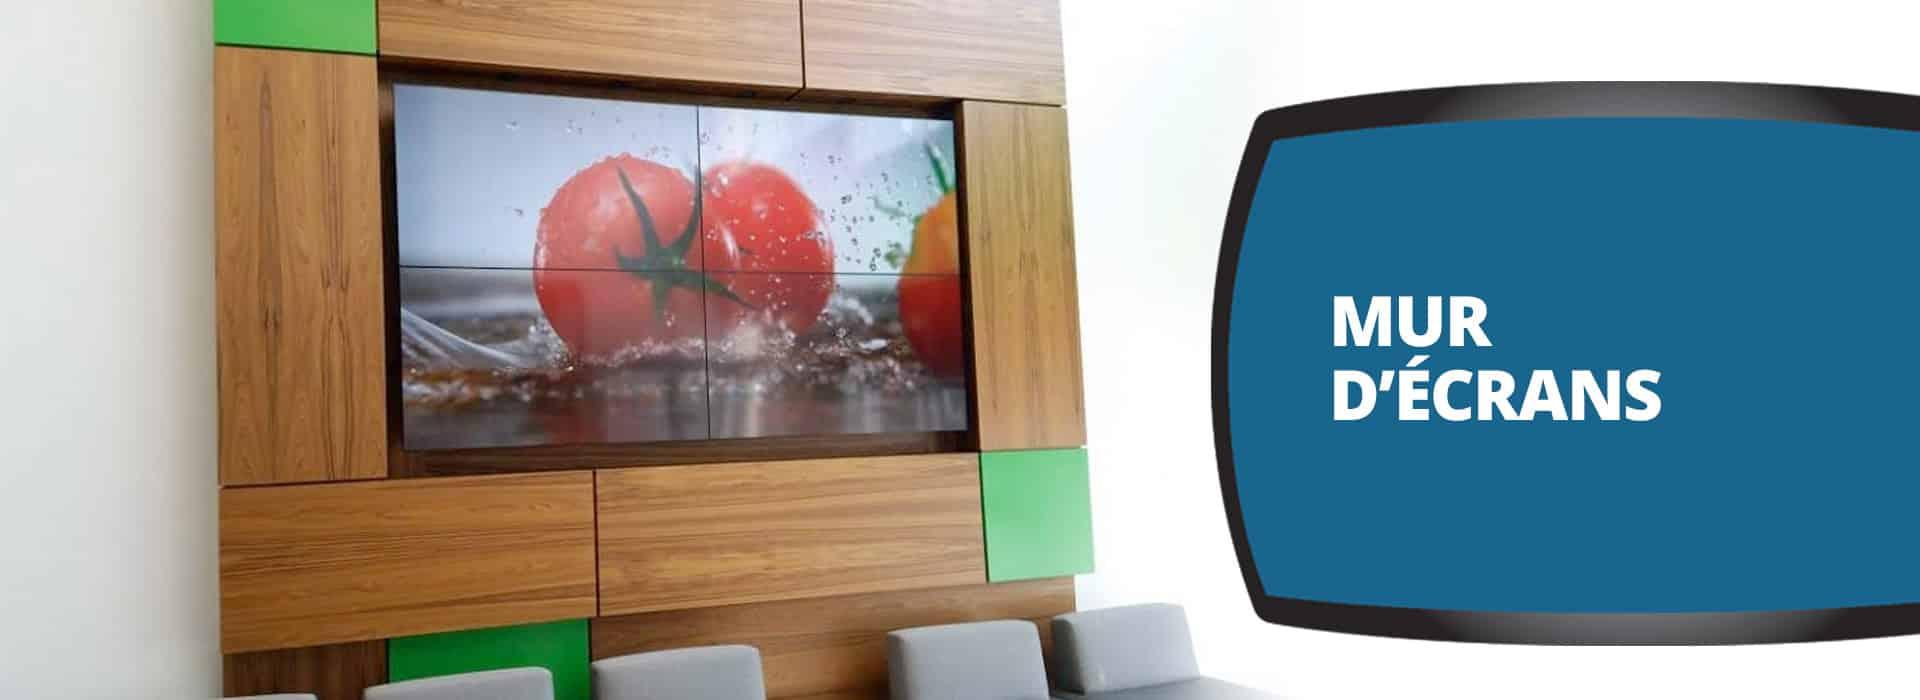 Mur d'écrans